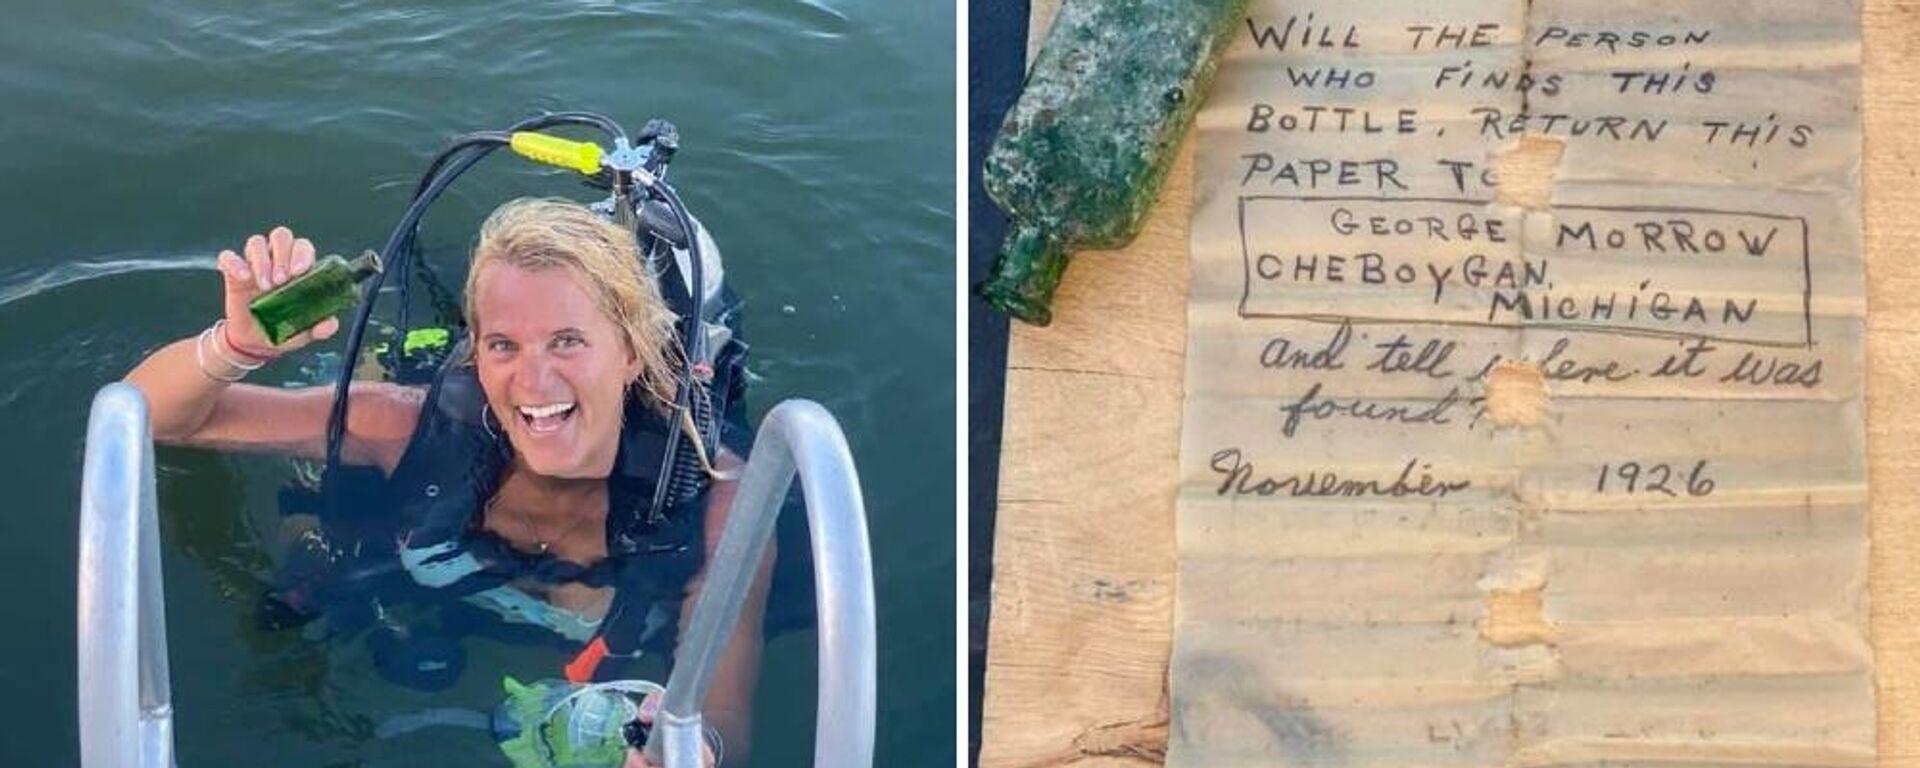 Γυναίκα βρήκε μπουκάλι με μήνυμα έπειτα από 95 χρόνια - Sputnik Ελλάδα, 1920, 25.06.2021